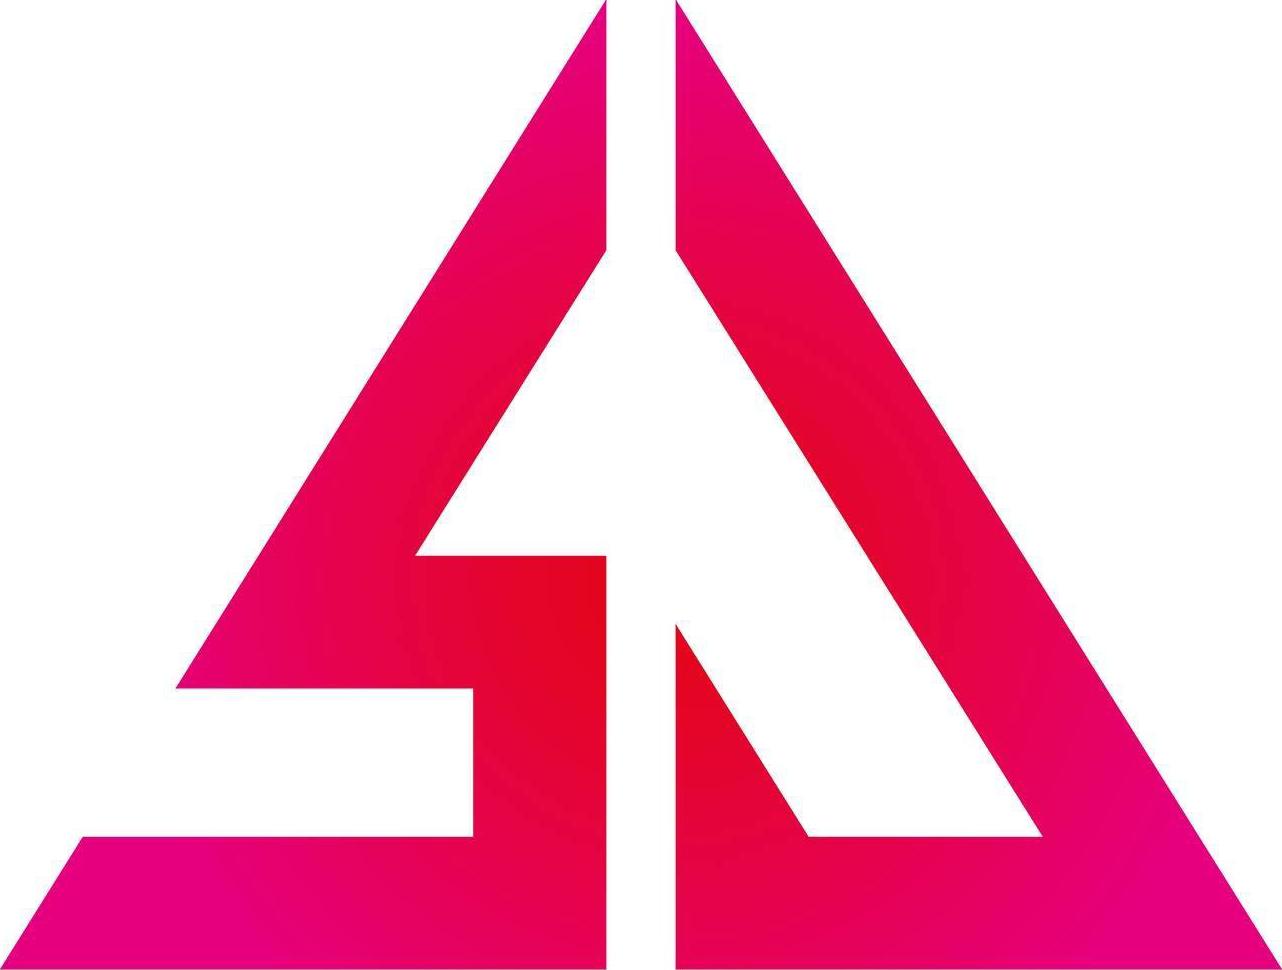 SJ – Counter-Strike: Global Offensive (CS:GO) – Tältä sivulta löydät SJ:n tiedot, pelaajat ja listan joukkueen suurimmista voitoista!